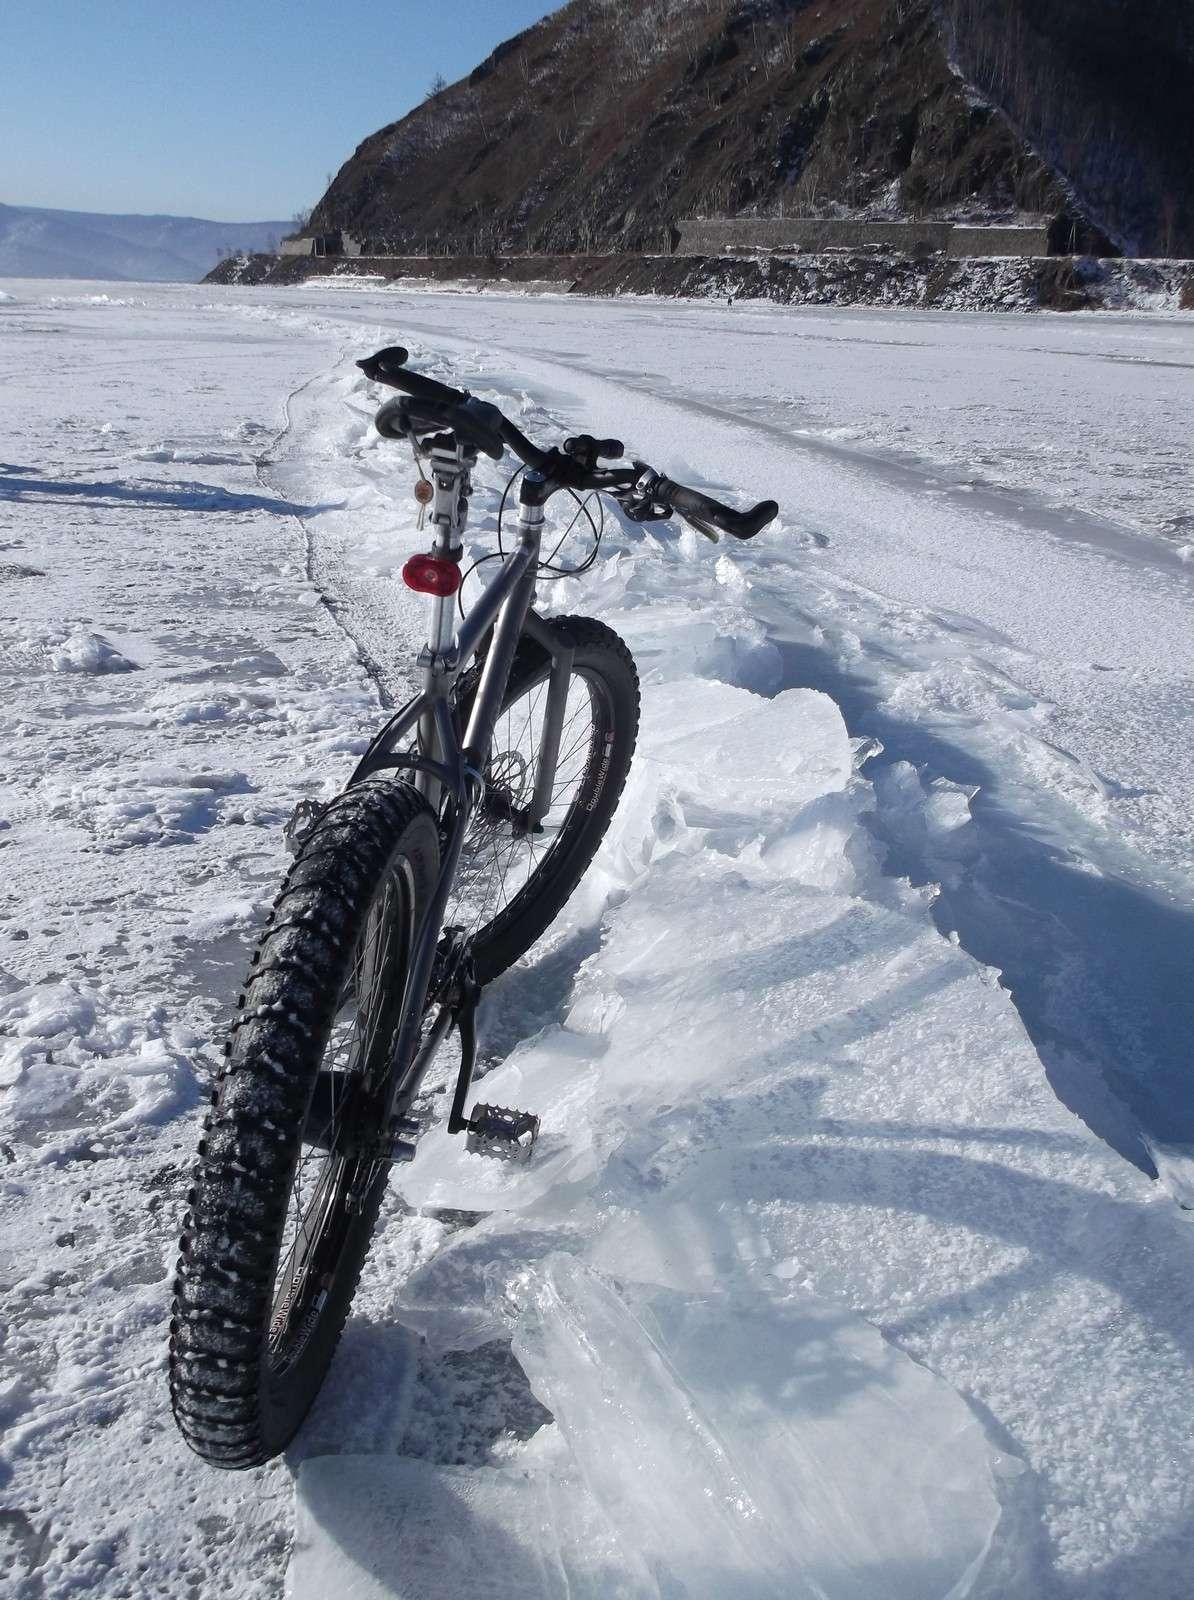 Немного о поведении фэтбайка на льду Байкала (фото+ комментарии). 2210